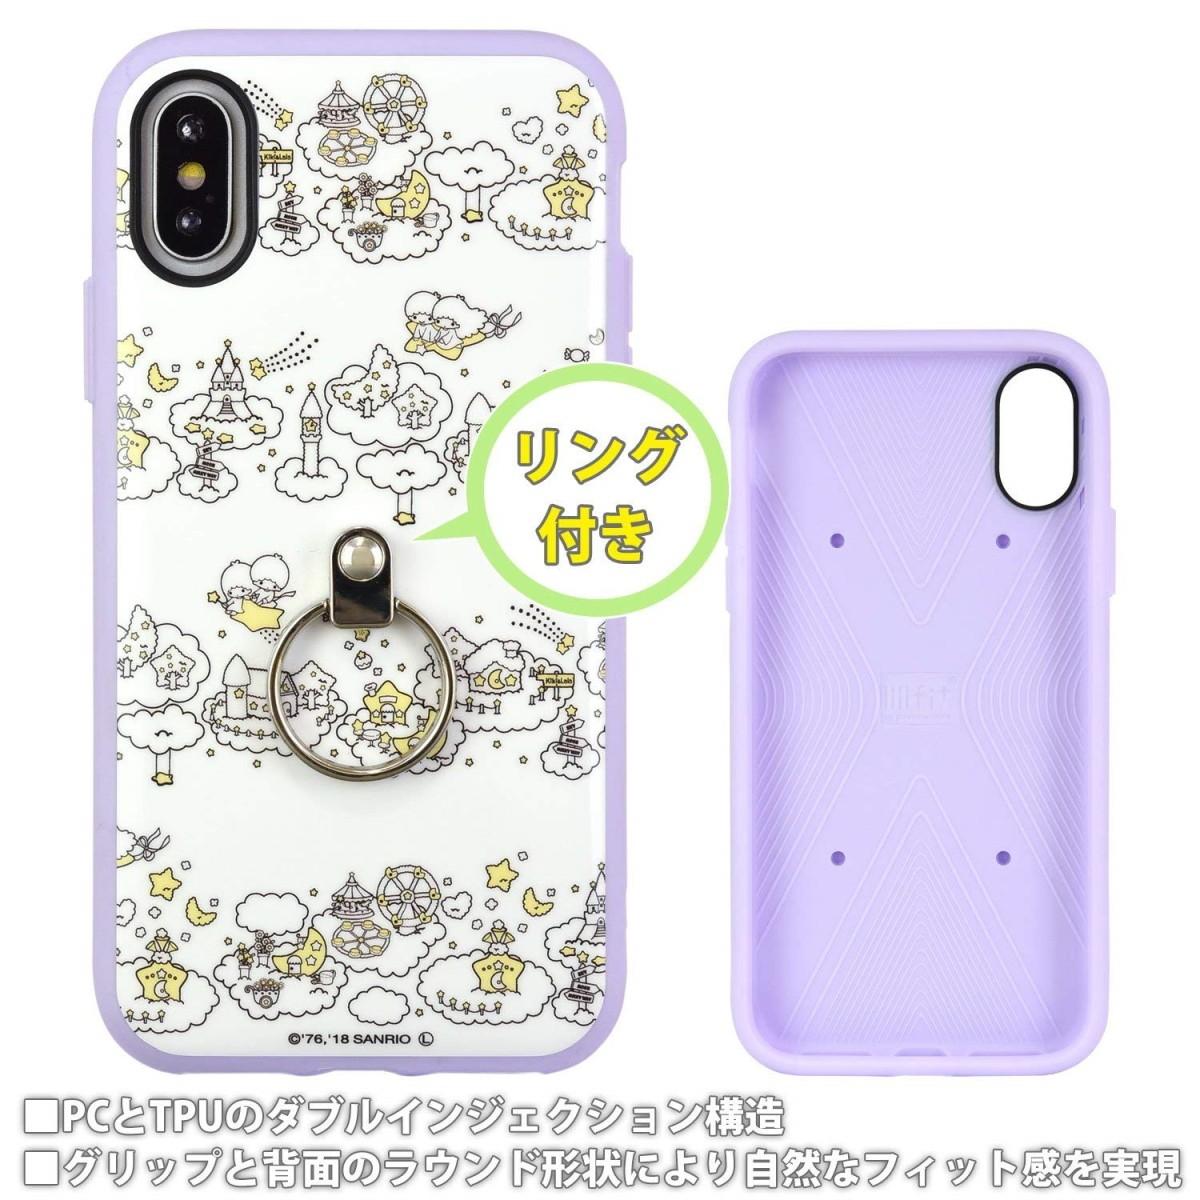 iPhone X用 サンリオキャラクターズ IIIIfitリングケース キキ&ララ SAN-795TSの商品画像|2